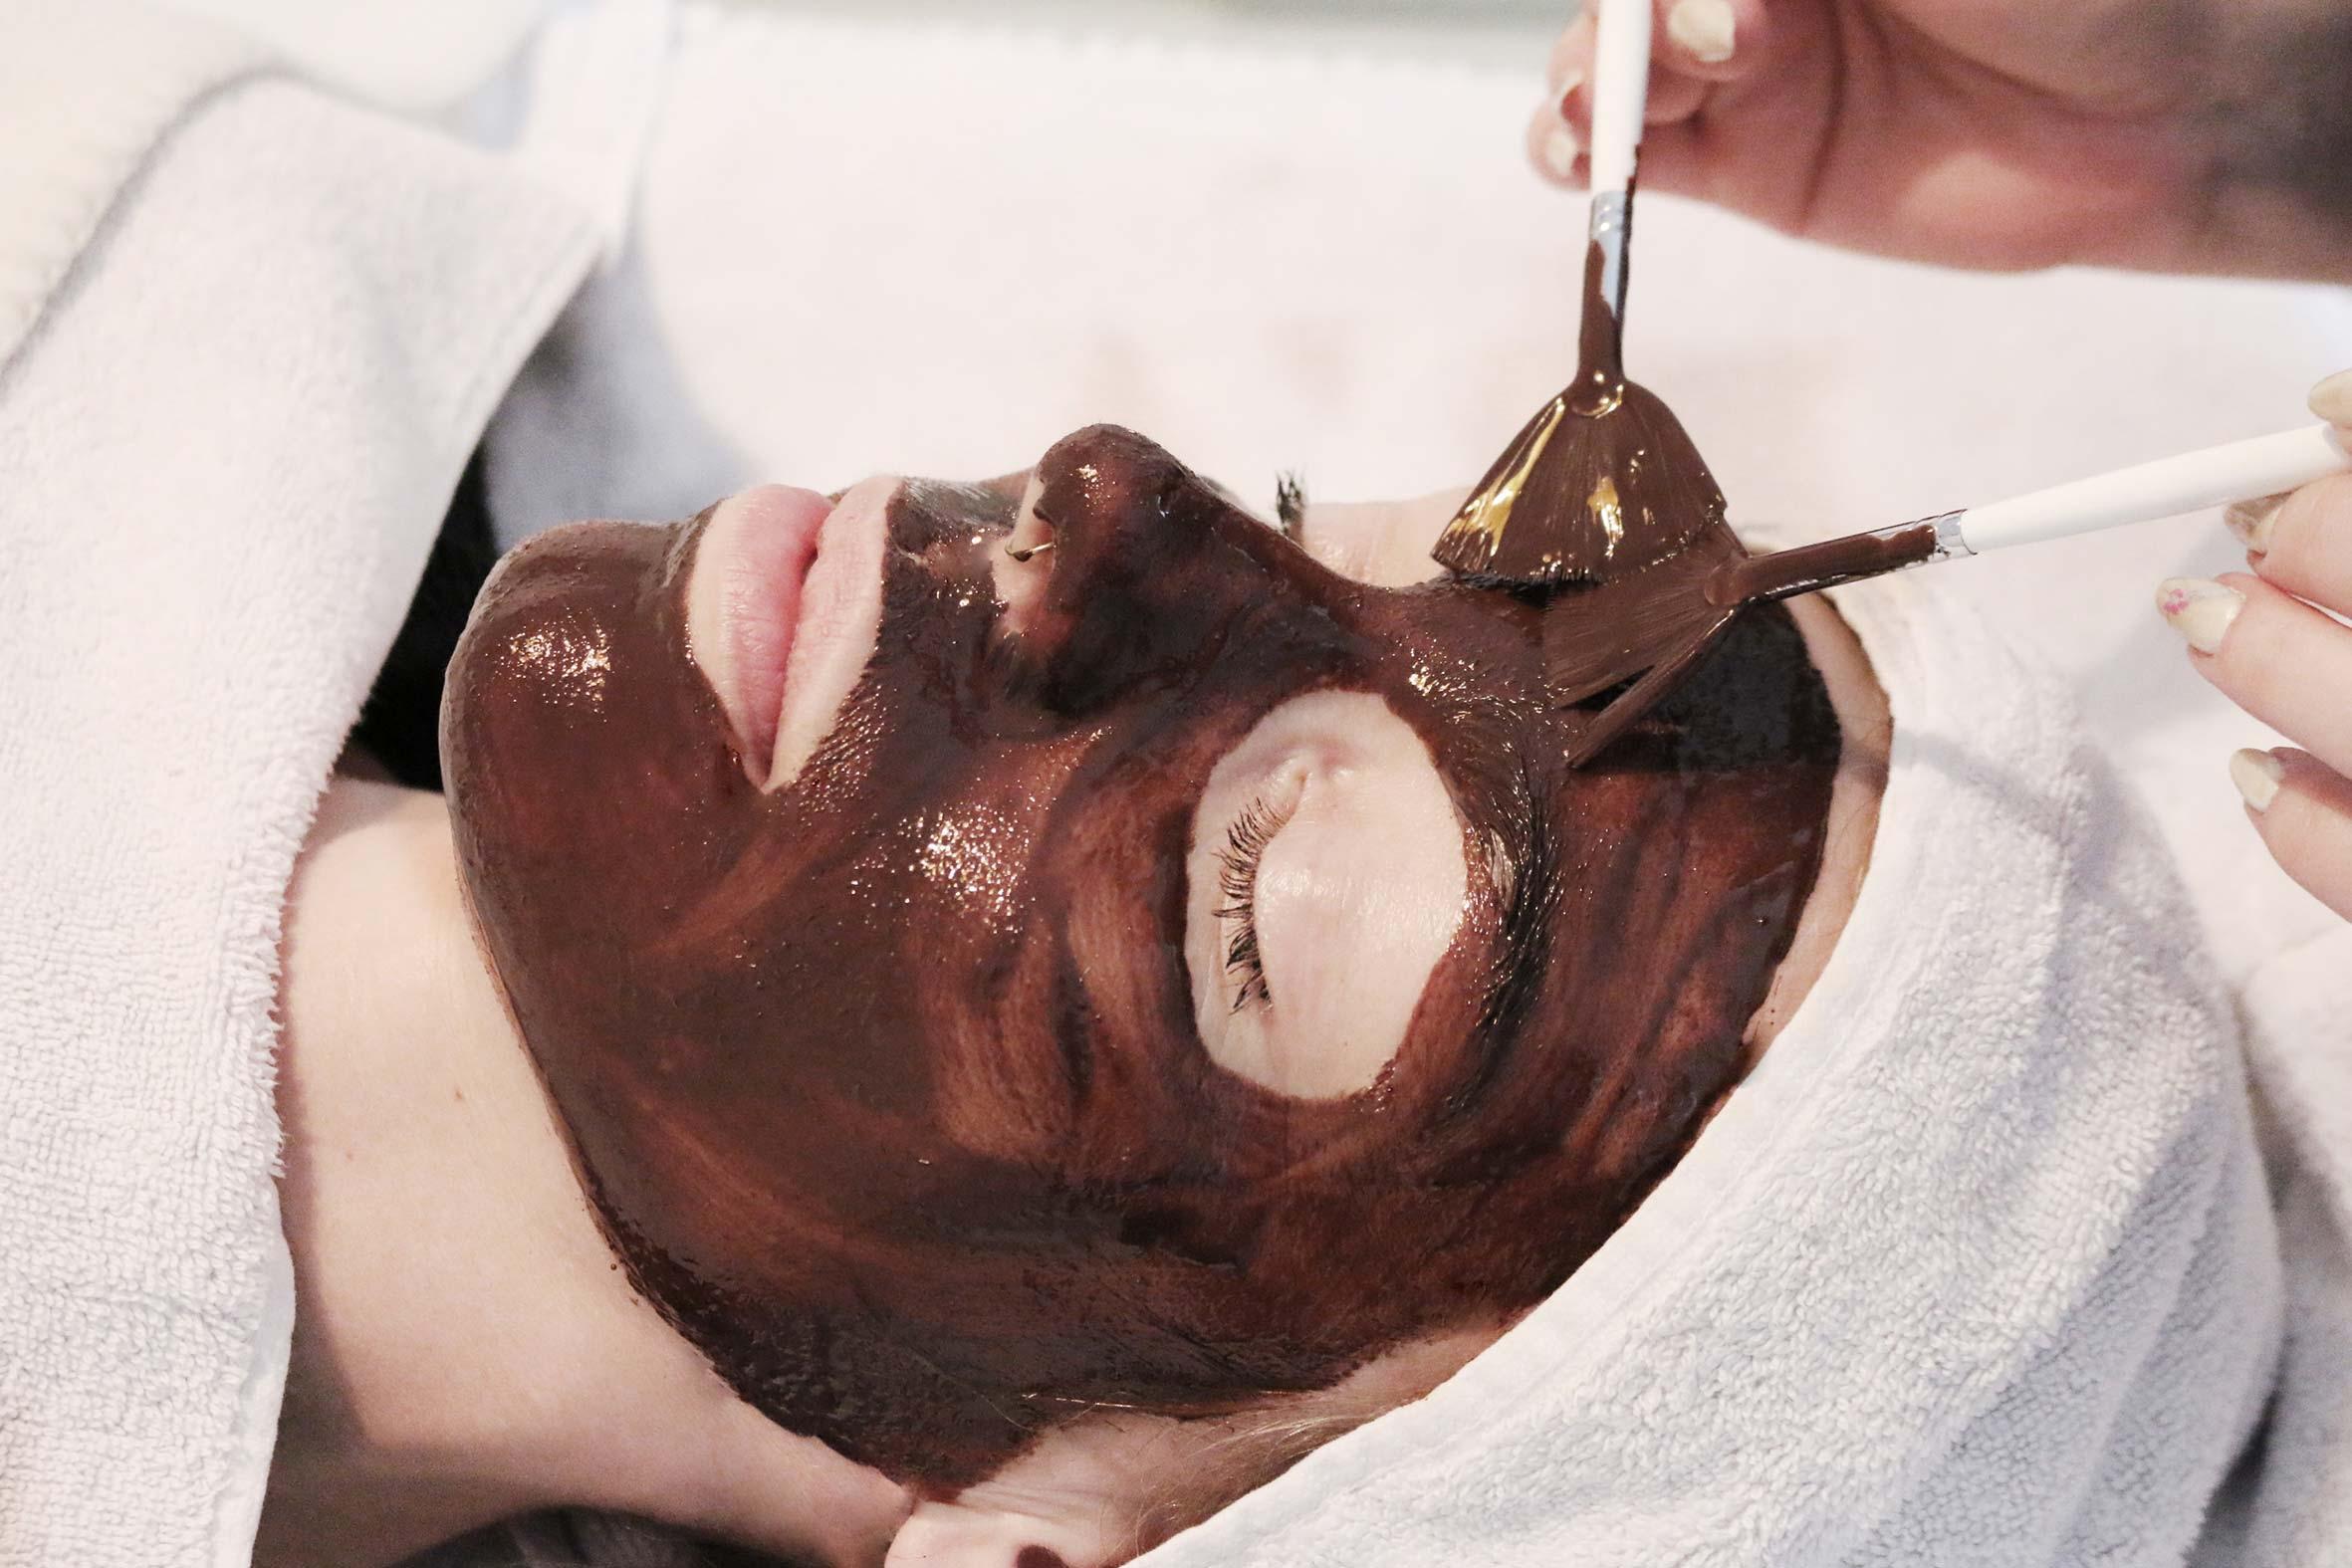 wellness schokomassage gesicht mit pinselmassage im kosmetikbereich bei püppikram